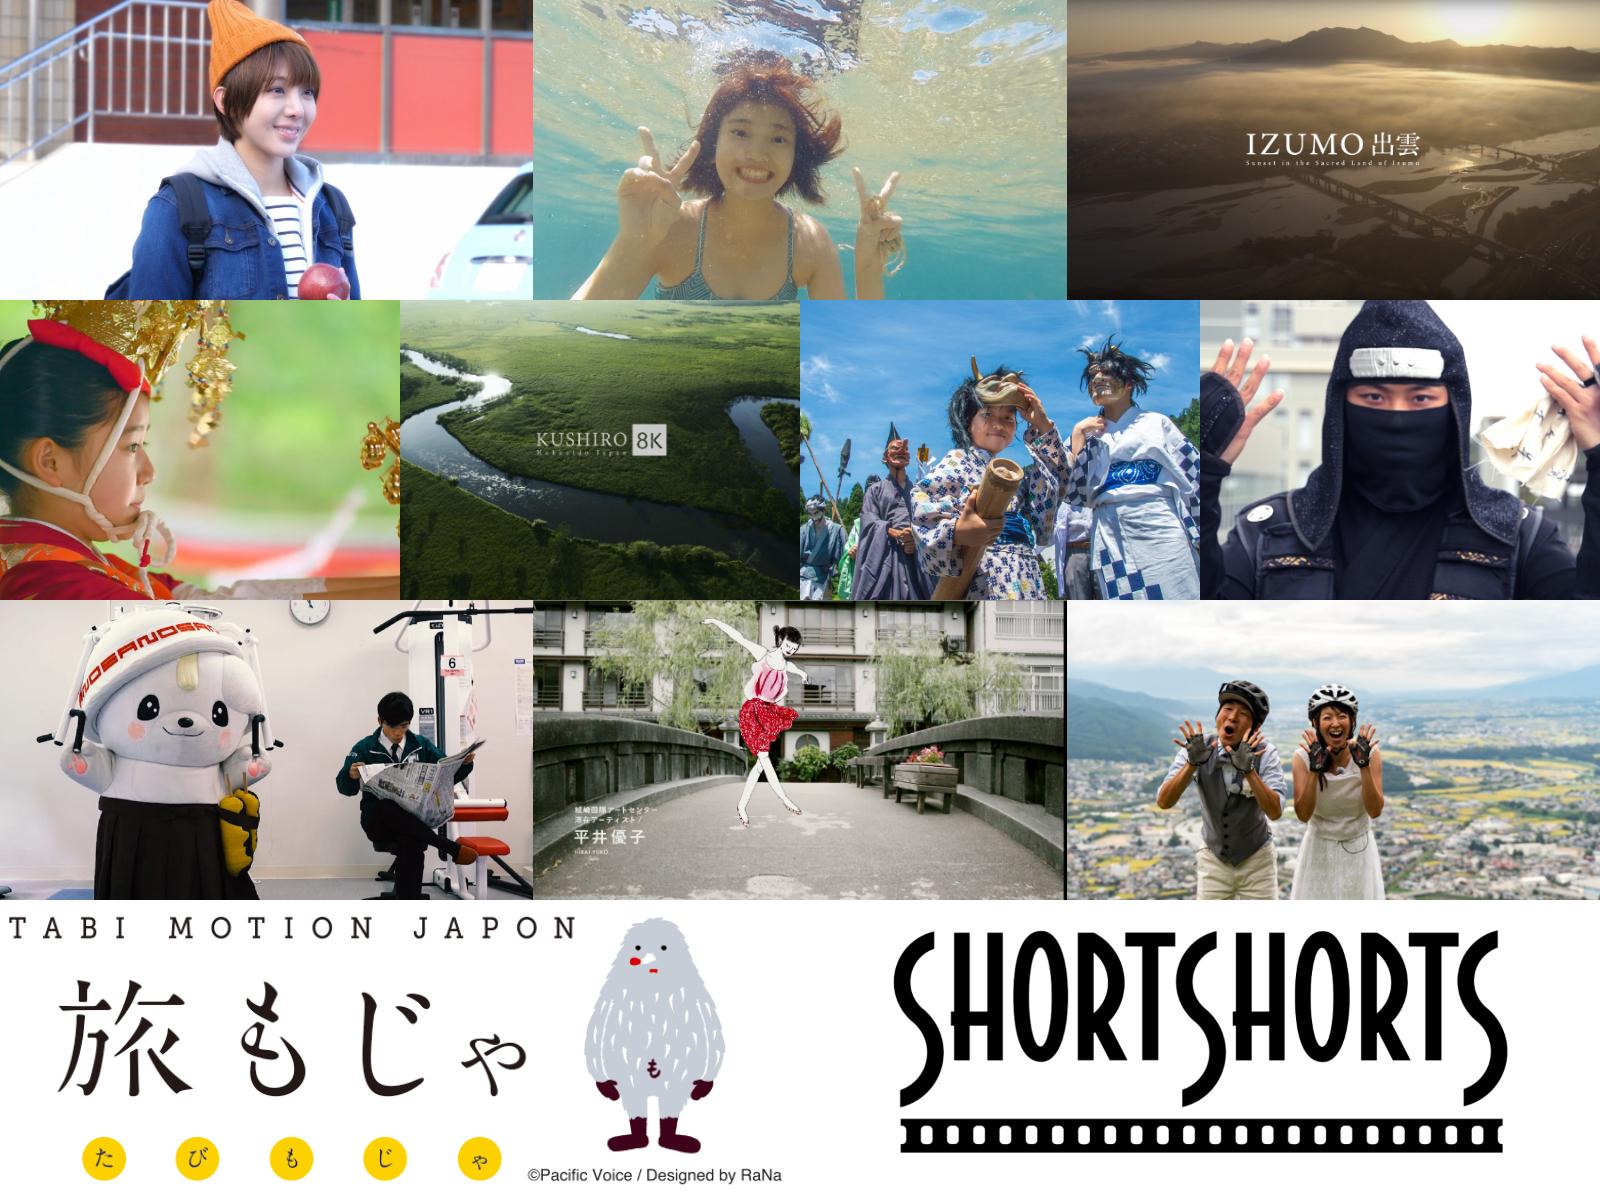 【海外上映】世界最大級の短編映画祭、クレルモン=フェラン国際短編映画祭にてジ